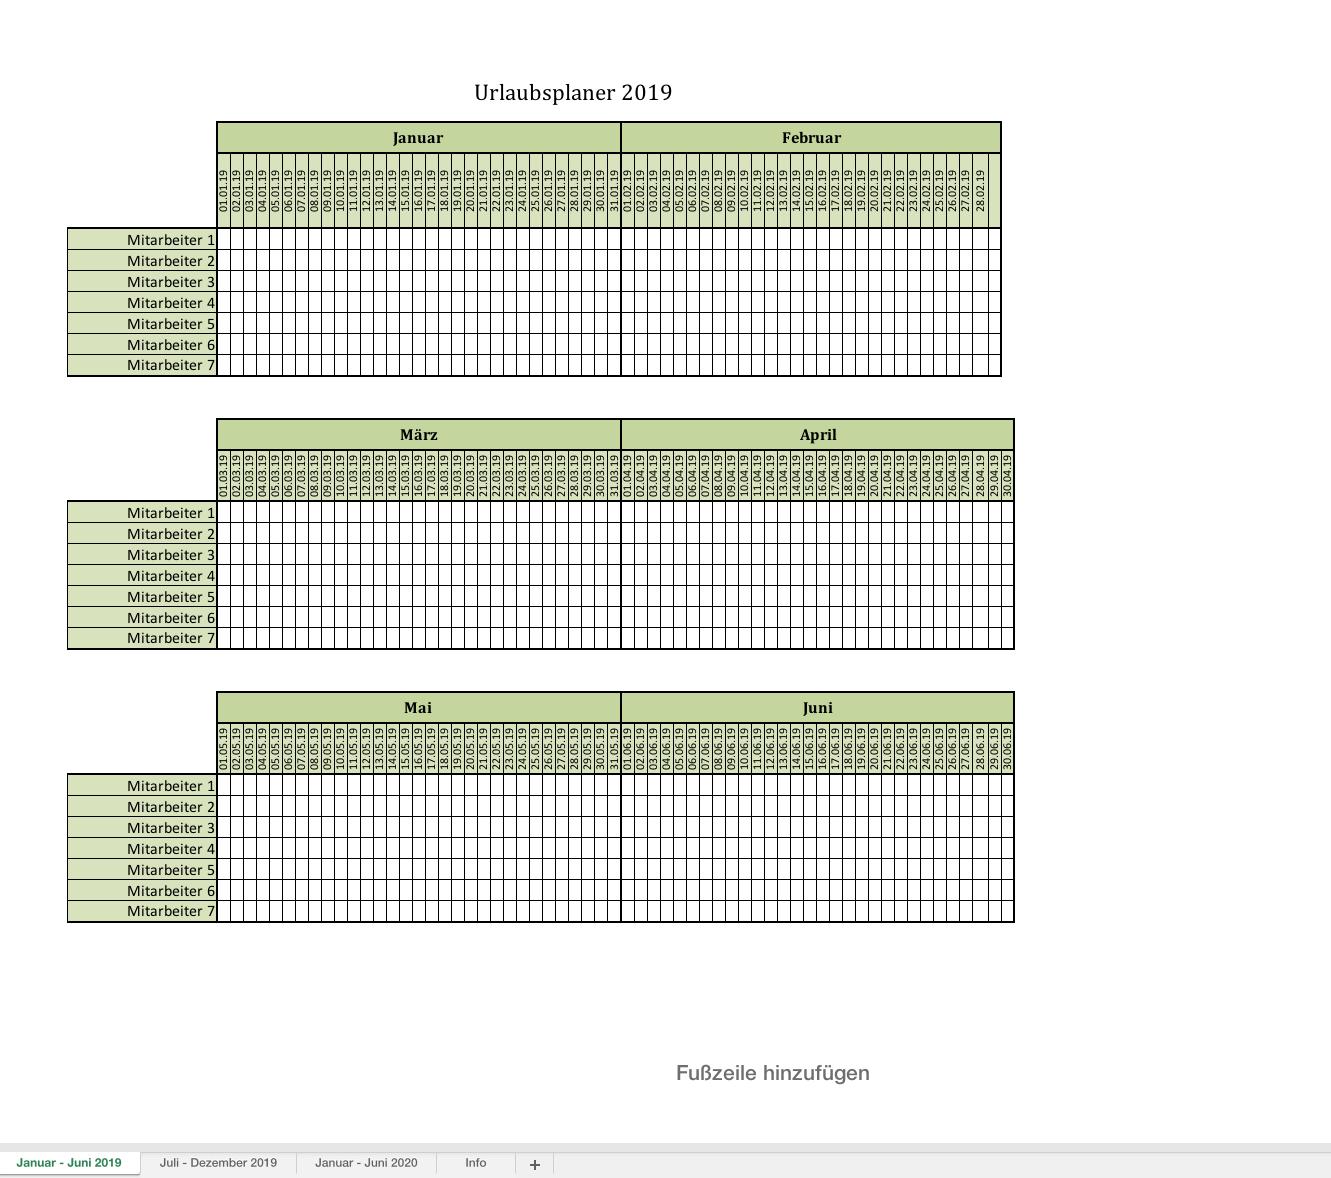 urlaubsplaner-2019 | Excel Vorlagen für jeden Zweck